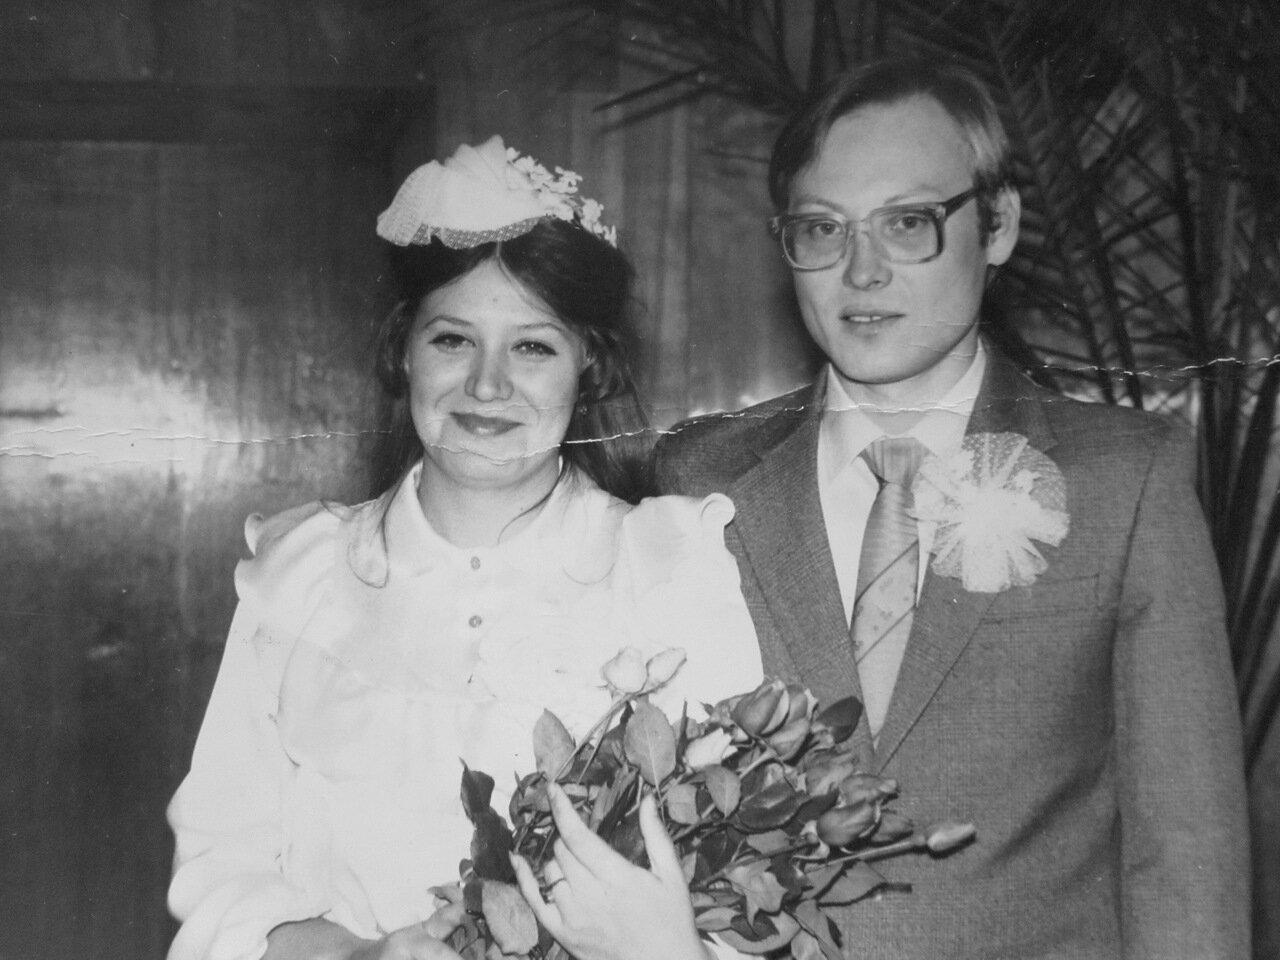 1970-е. Екатеринбург. Вера и Виталий